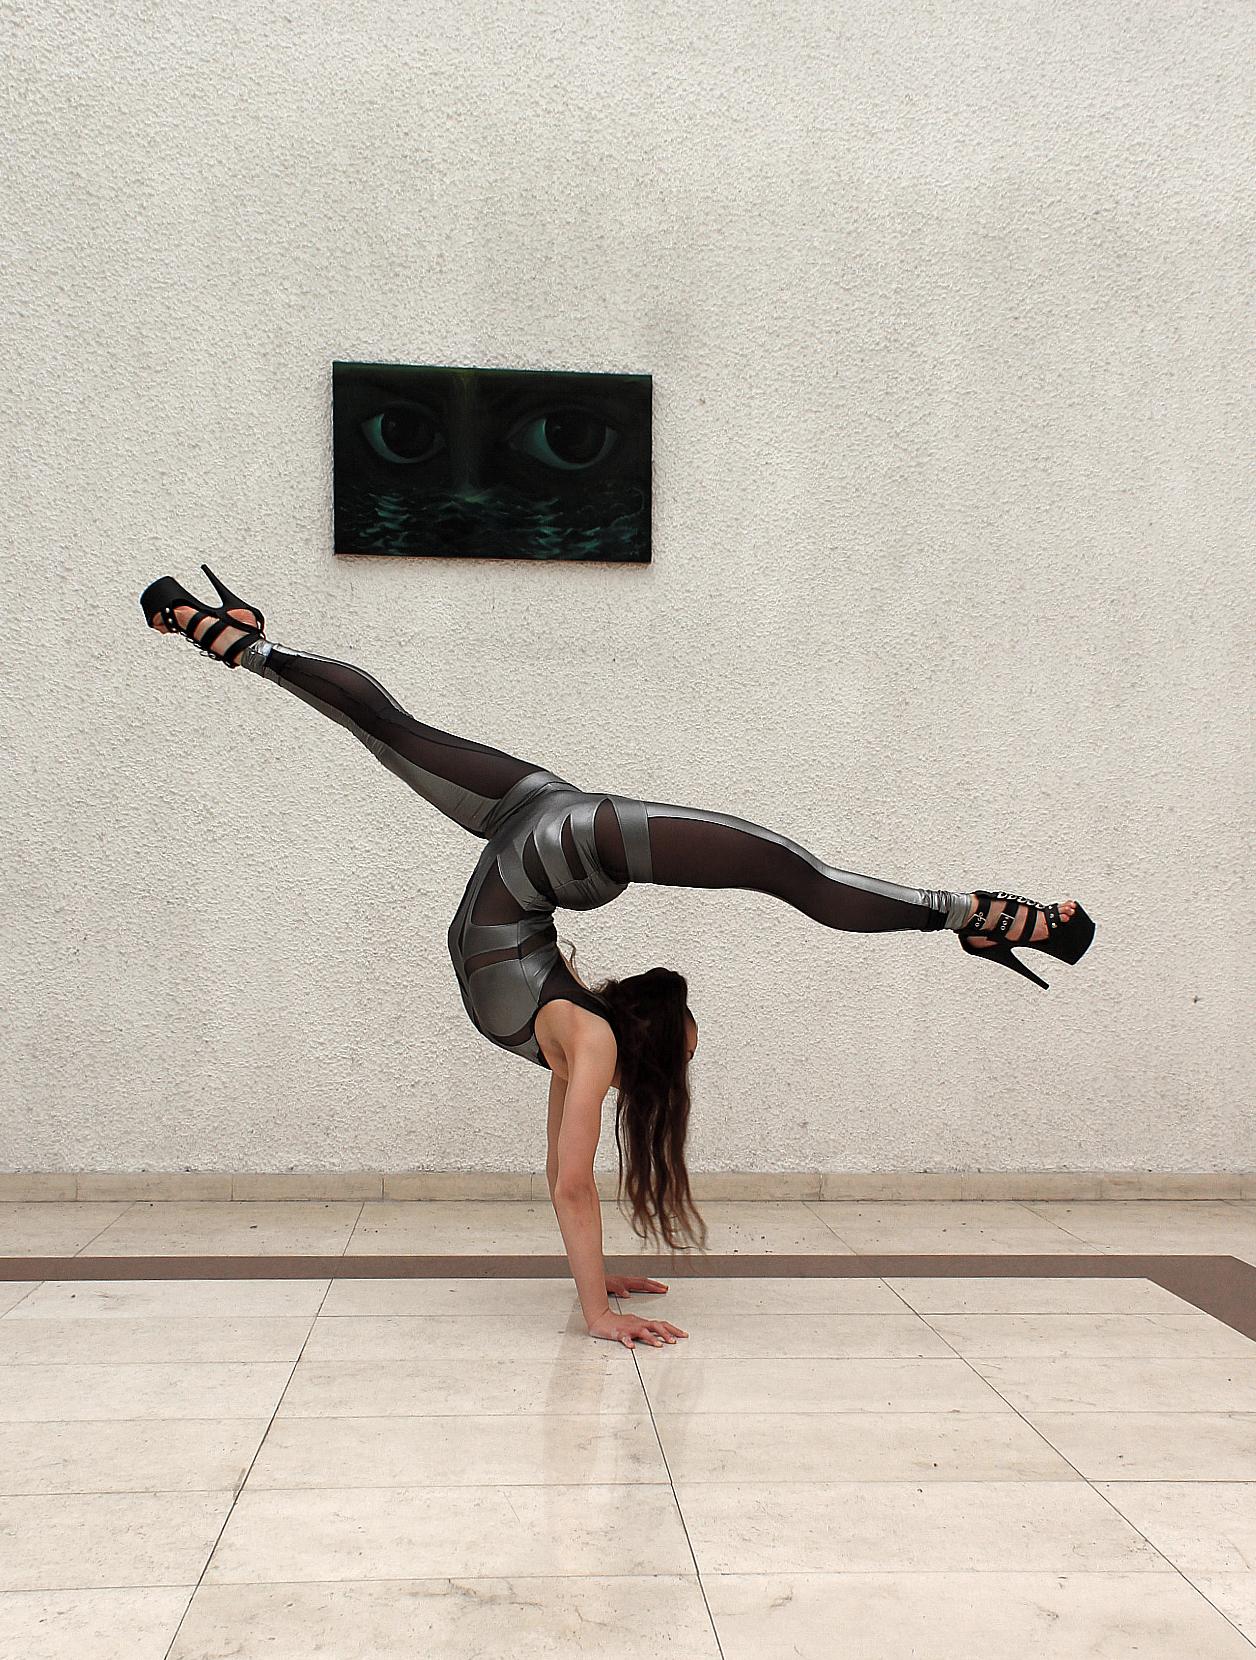 <p>През годините младата танцьорка тренира усърдно и постигах това, към което се стреми. Има редица национални, европейски, световни титли.&nbsp;</p>